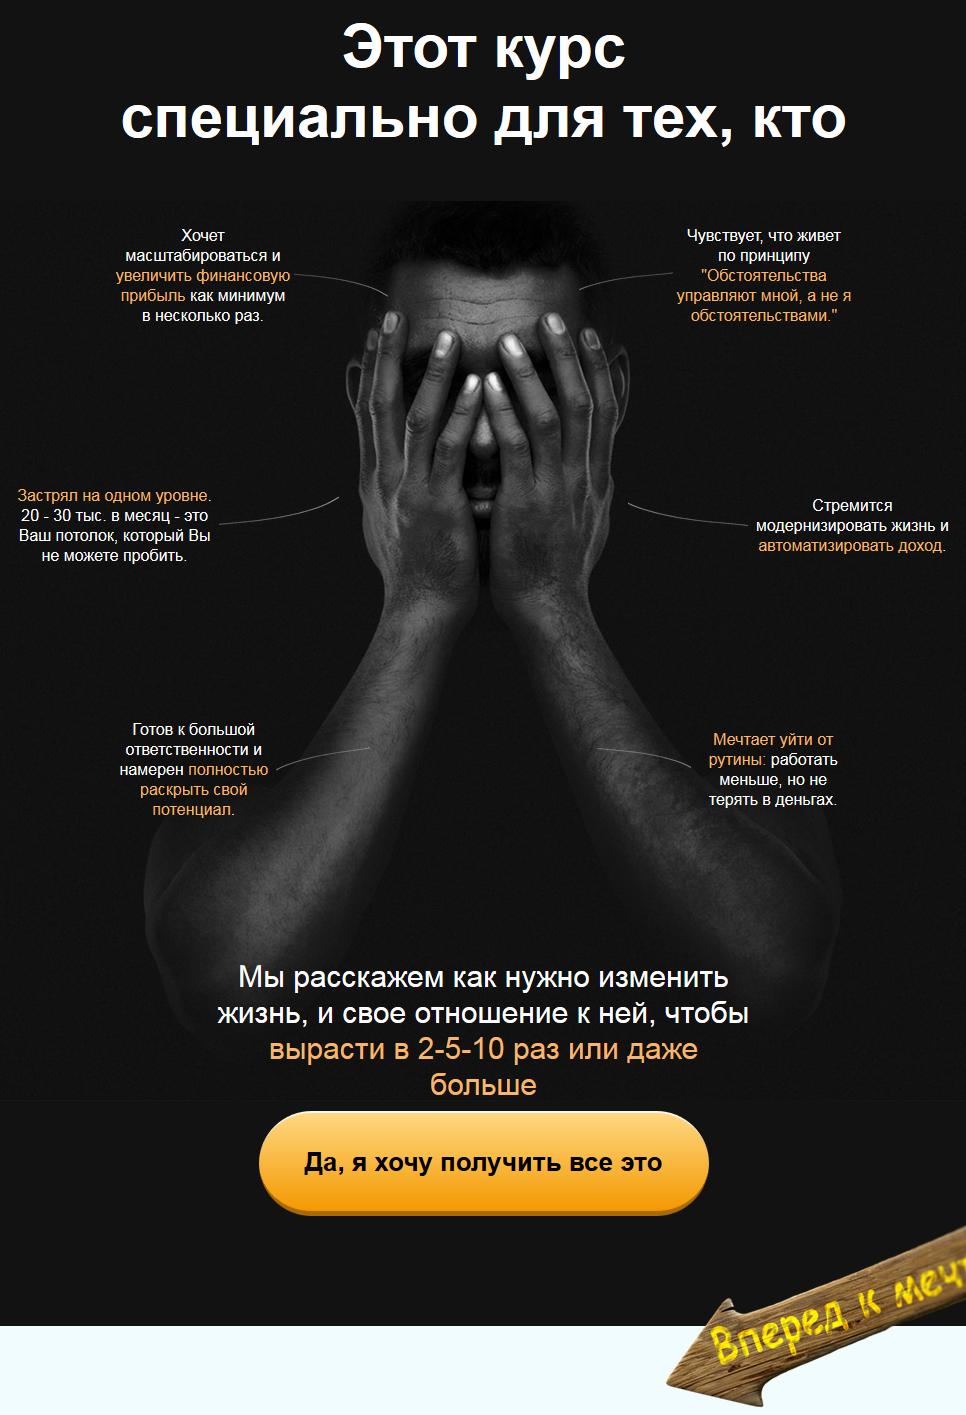 [Игнат Шмагун] Сделай Шаг. Начни зарабатывать от 4.000 рублей в день-2.jpg